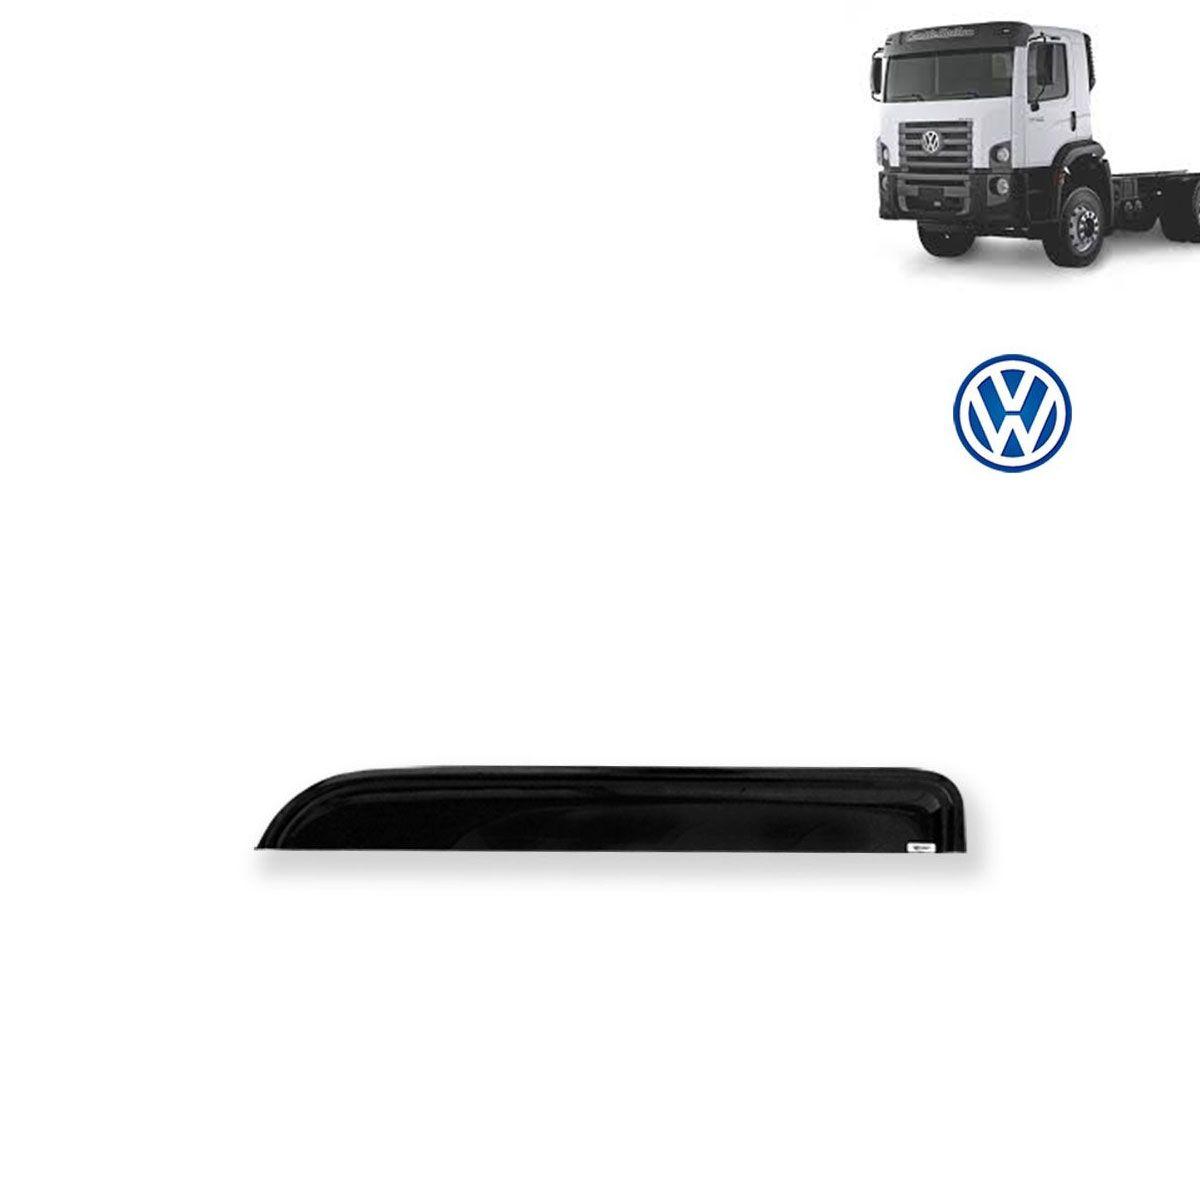 Calha de Chuva Porta para Caminhão Volkswagem Constellation Adesiva Reta